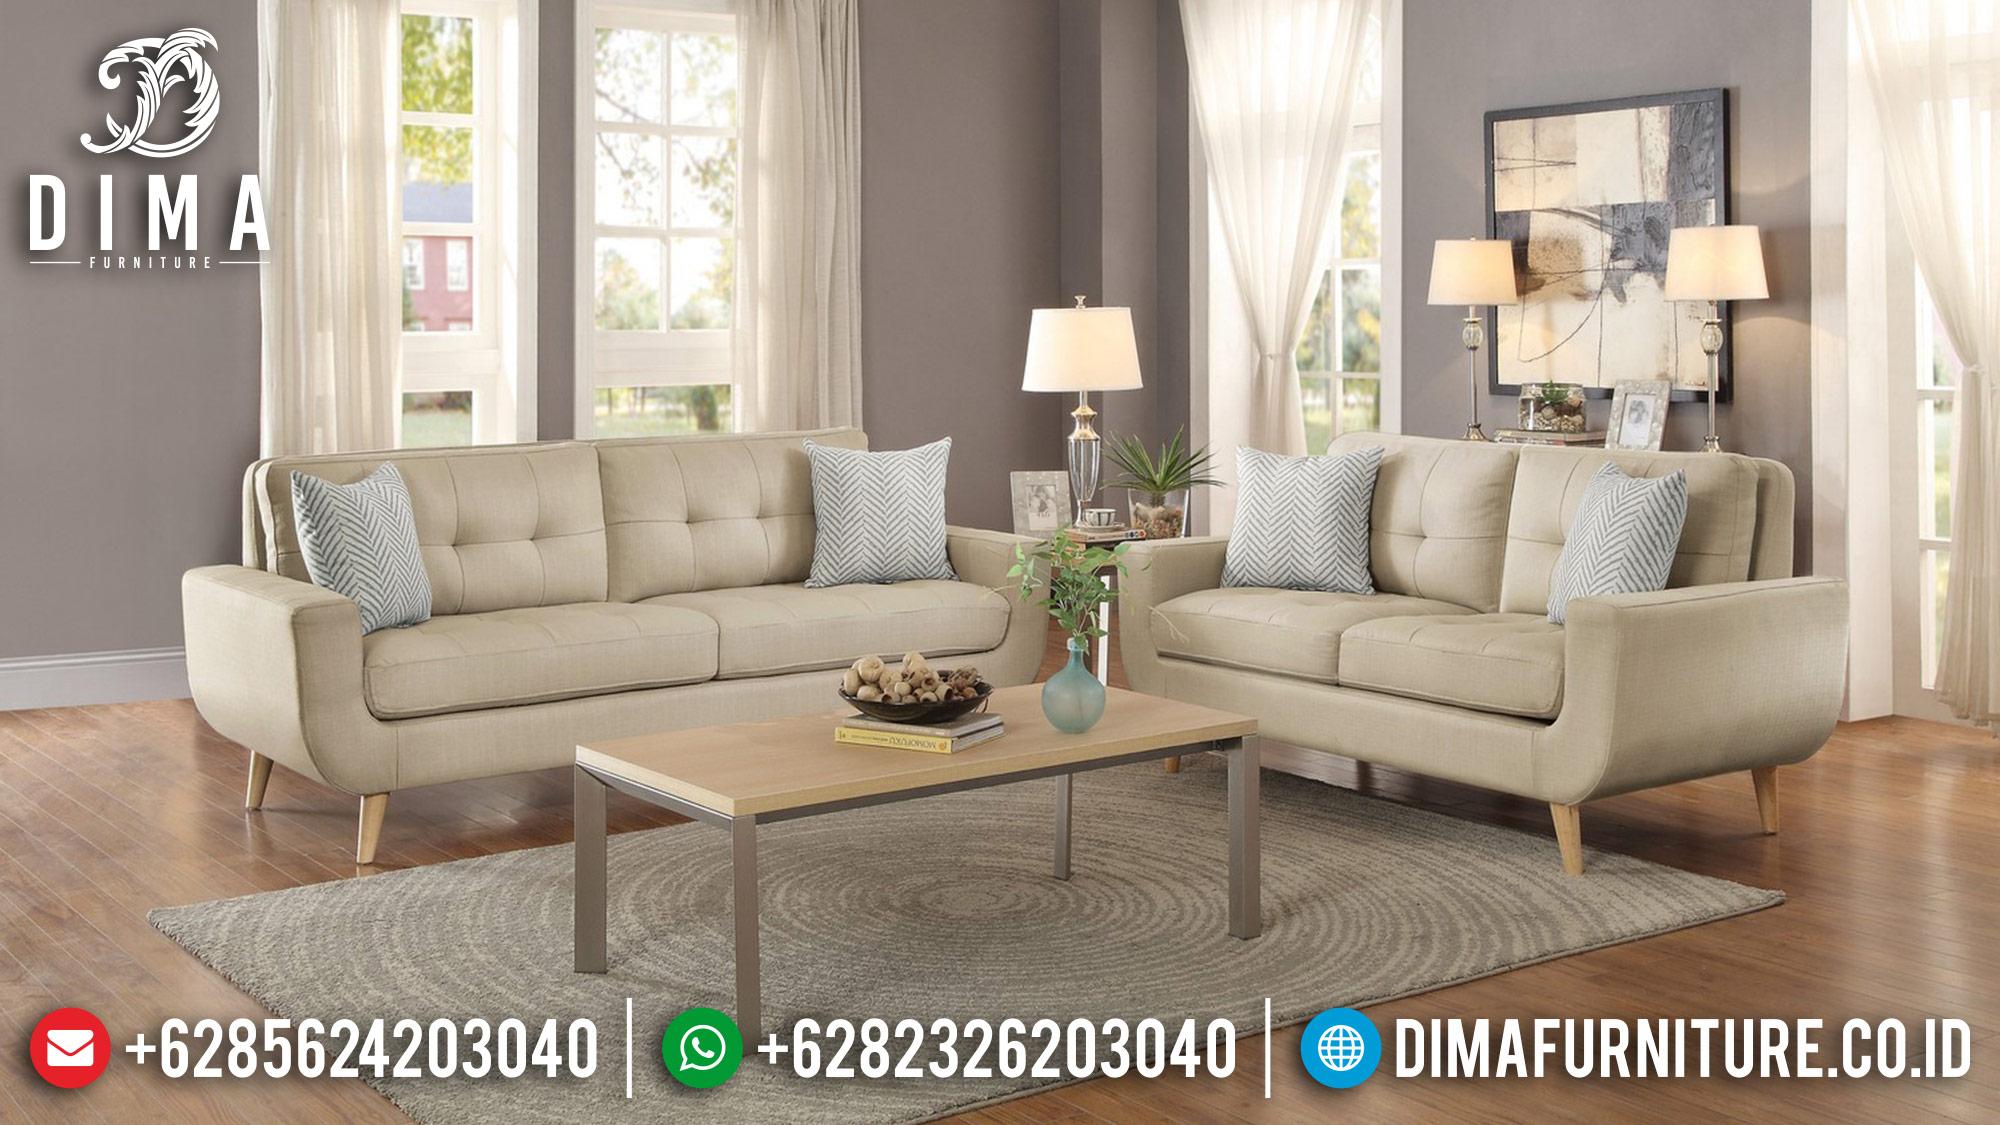 Sofa Mewah Minimalis, Sofa Jepara Terbaru, Kursi Tamu Minimalis Modern DF-0481